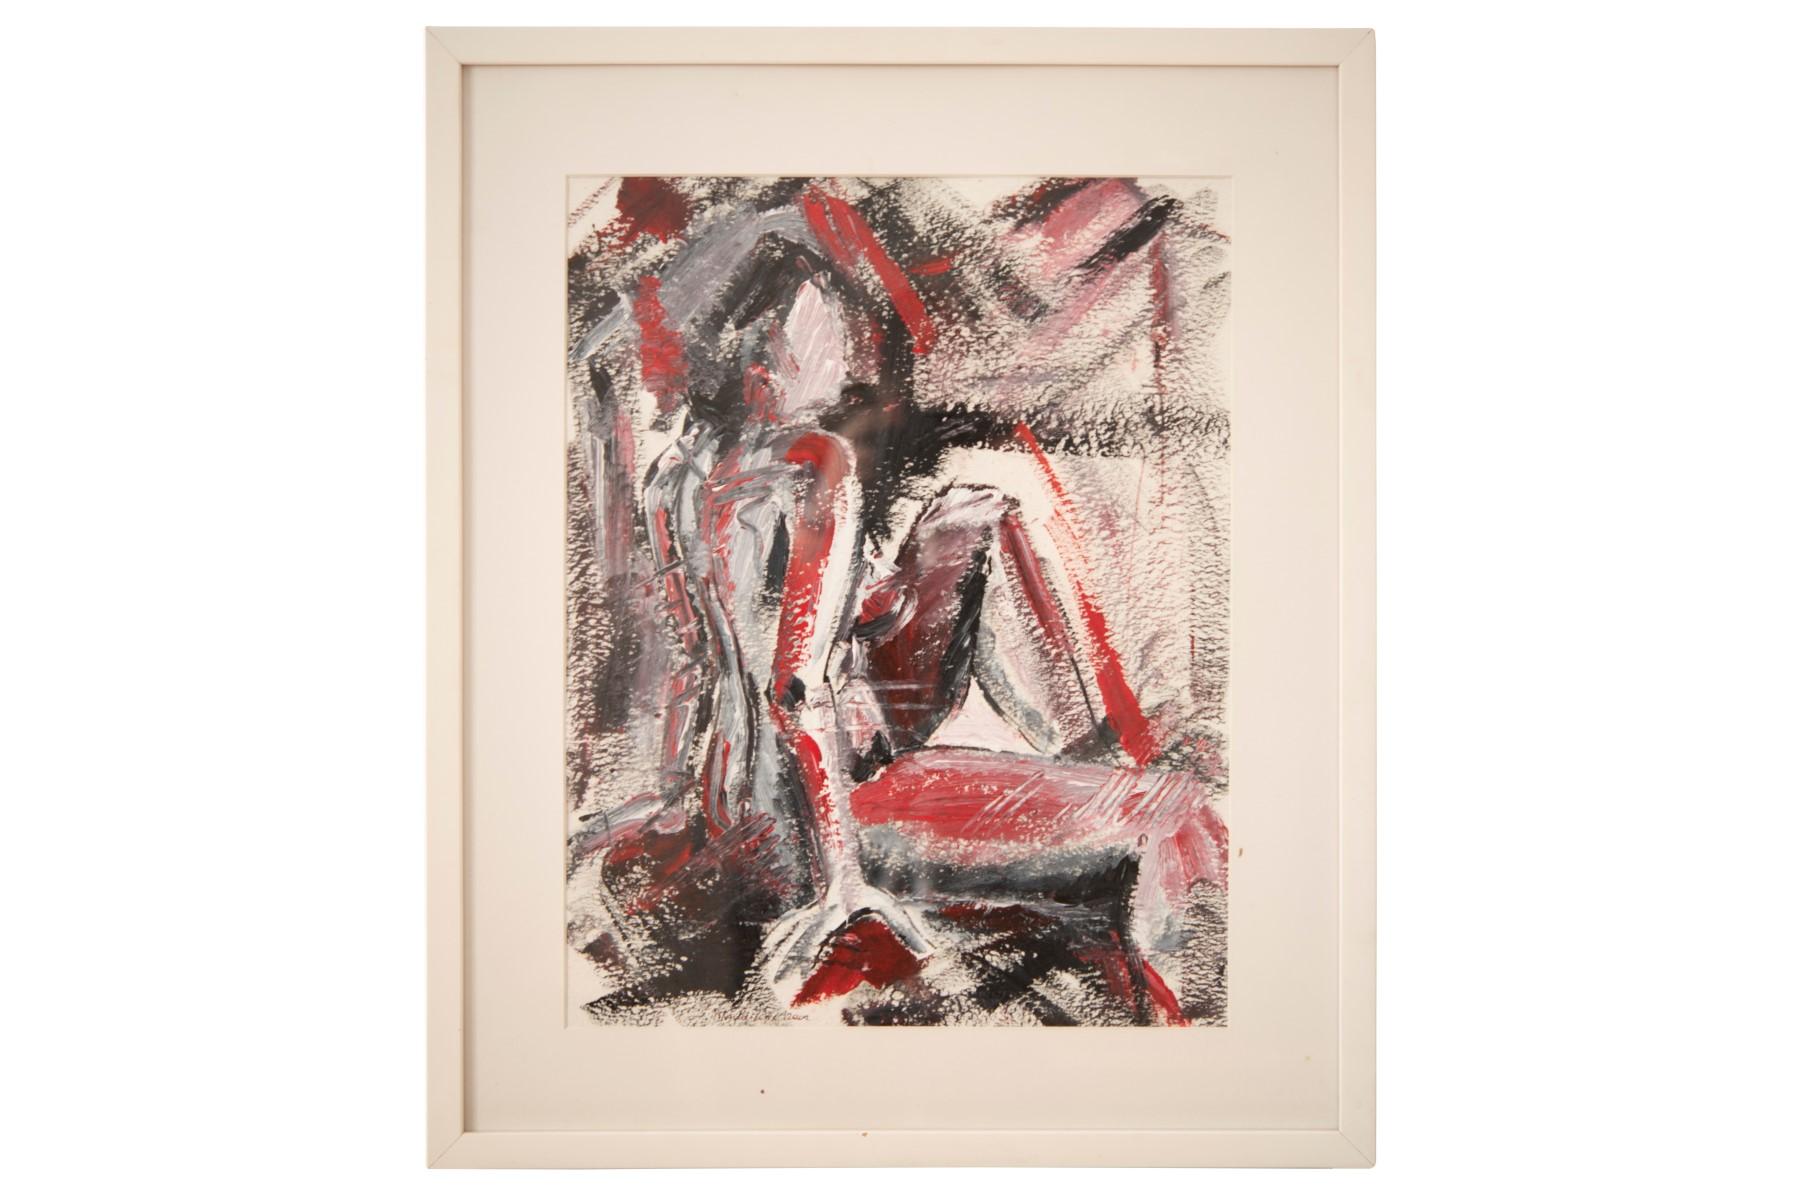 #129 Pauline Buchinger, Nude 2002 | Pauline Buchinger, Aktbild 2002 Image